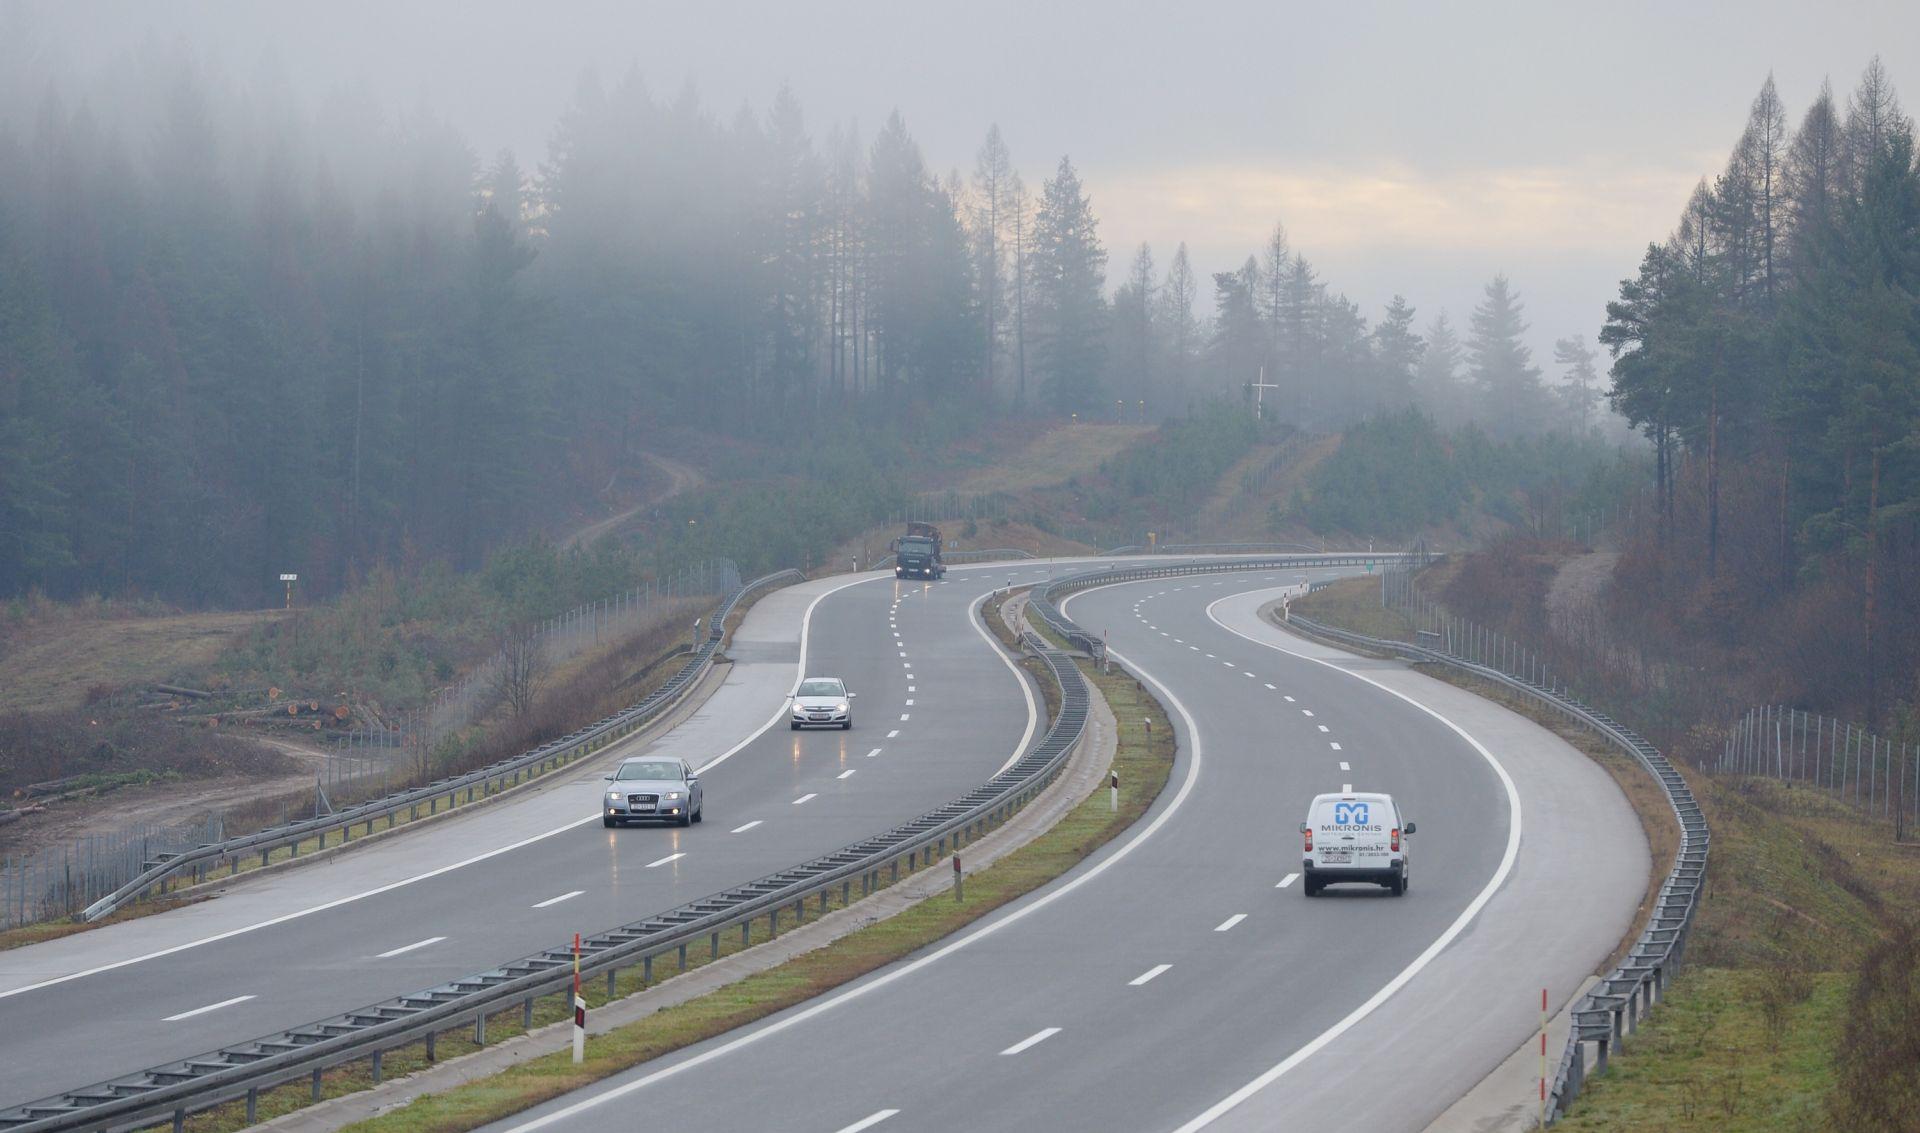 Gradnja druge cijevi kroz tunel Karavanke možda će kasniti zbog revizijskih zahtjeva u Sloveniji